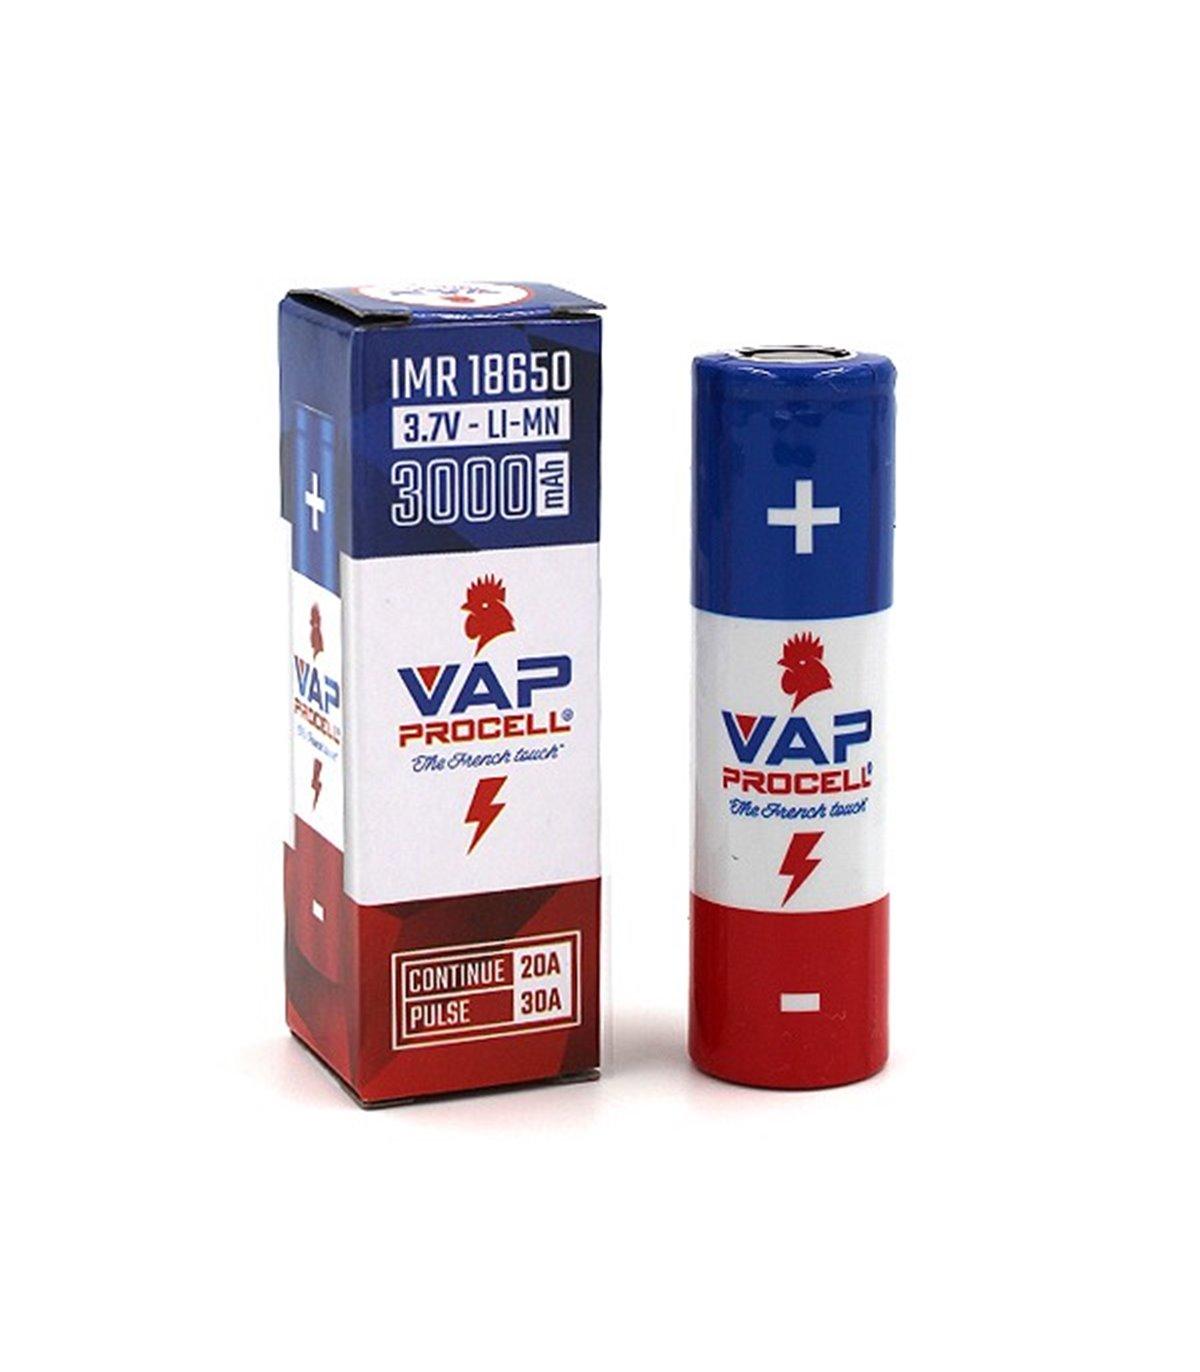 Bateria IMR 18650 Power 3000mAh - Vap Procell